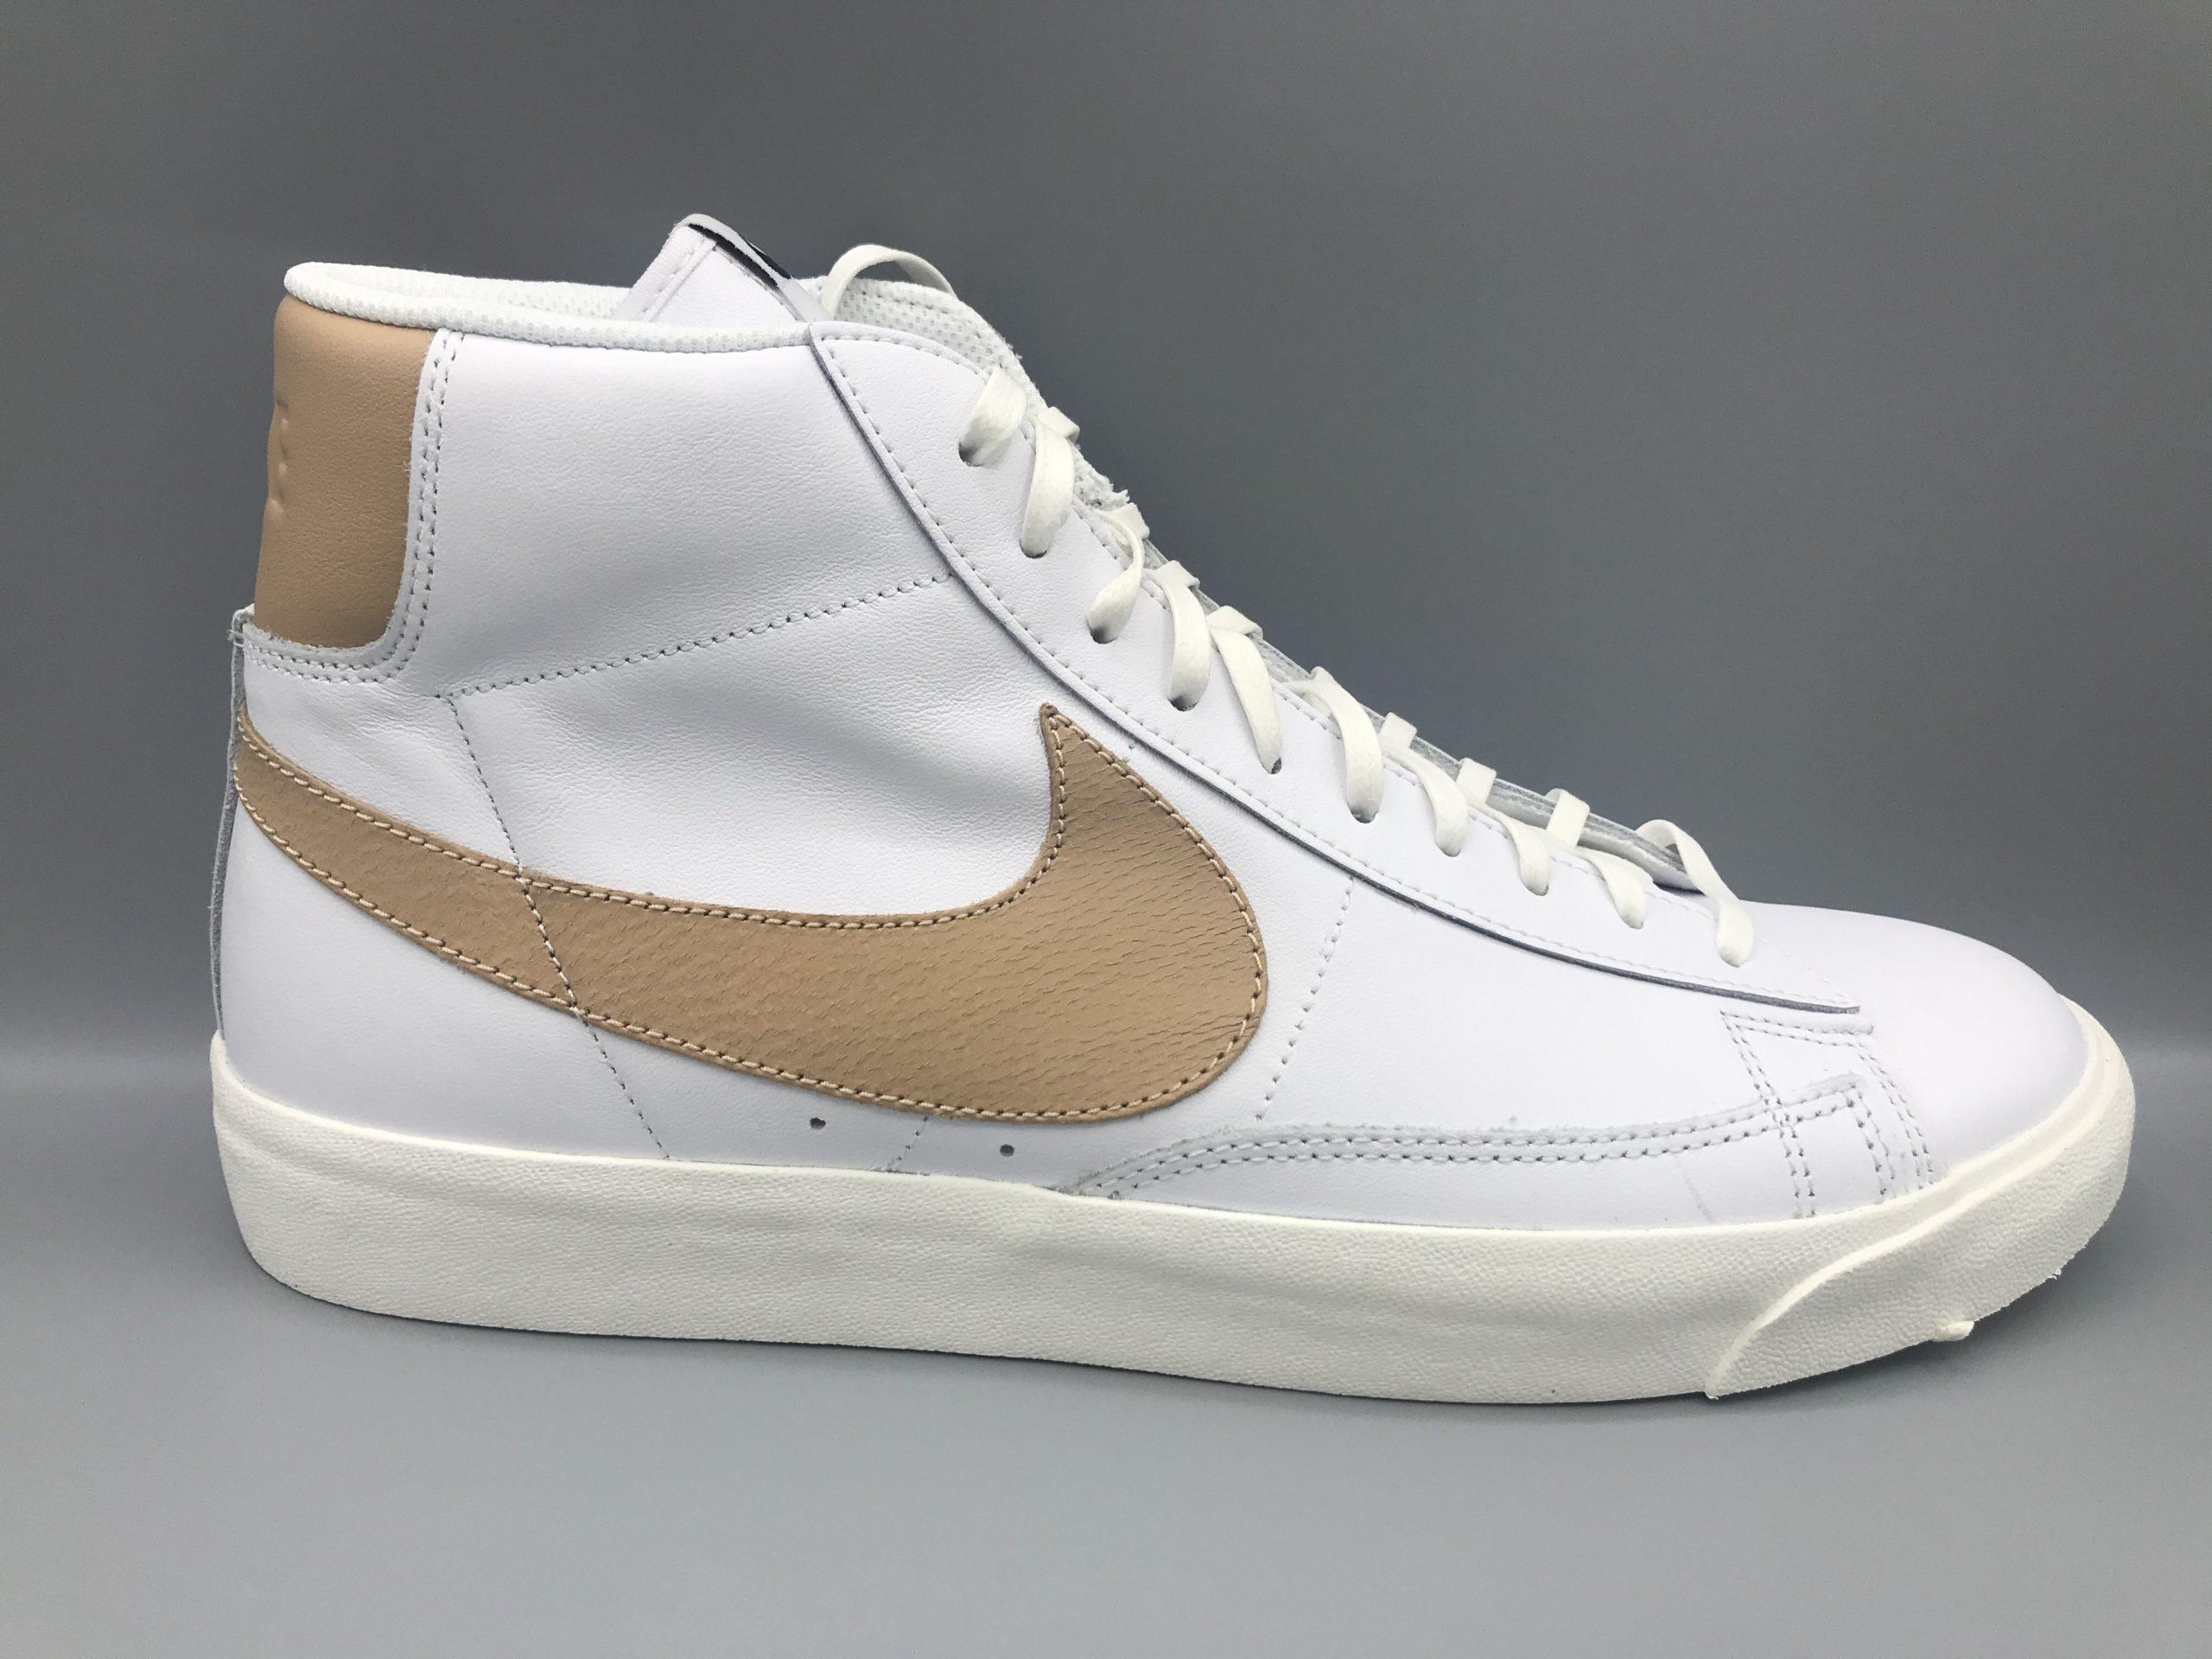 Nike Blazer Mid Premium - White / Tan - Size 11